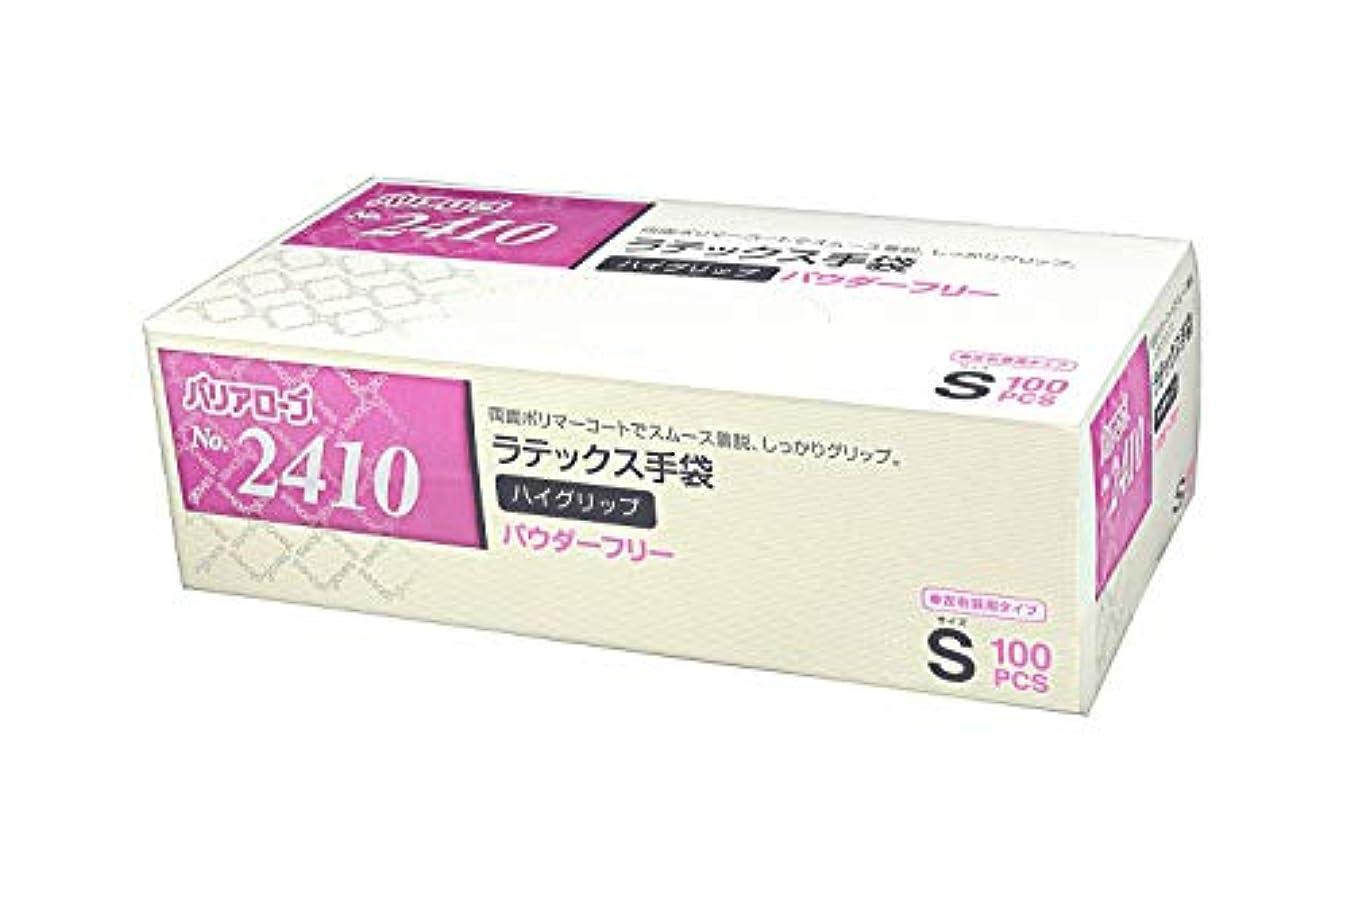 フェンス買う誕生日【ケース販売】 バリアローブ №2410 ラテックス手袋 ハイグリップ (パウダーフリー) S 2000枚(100枚×20箱)